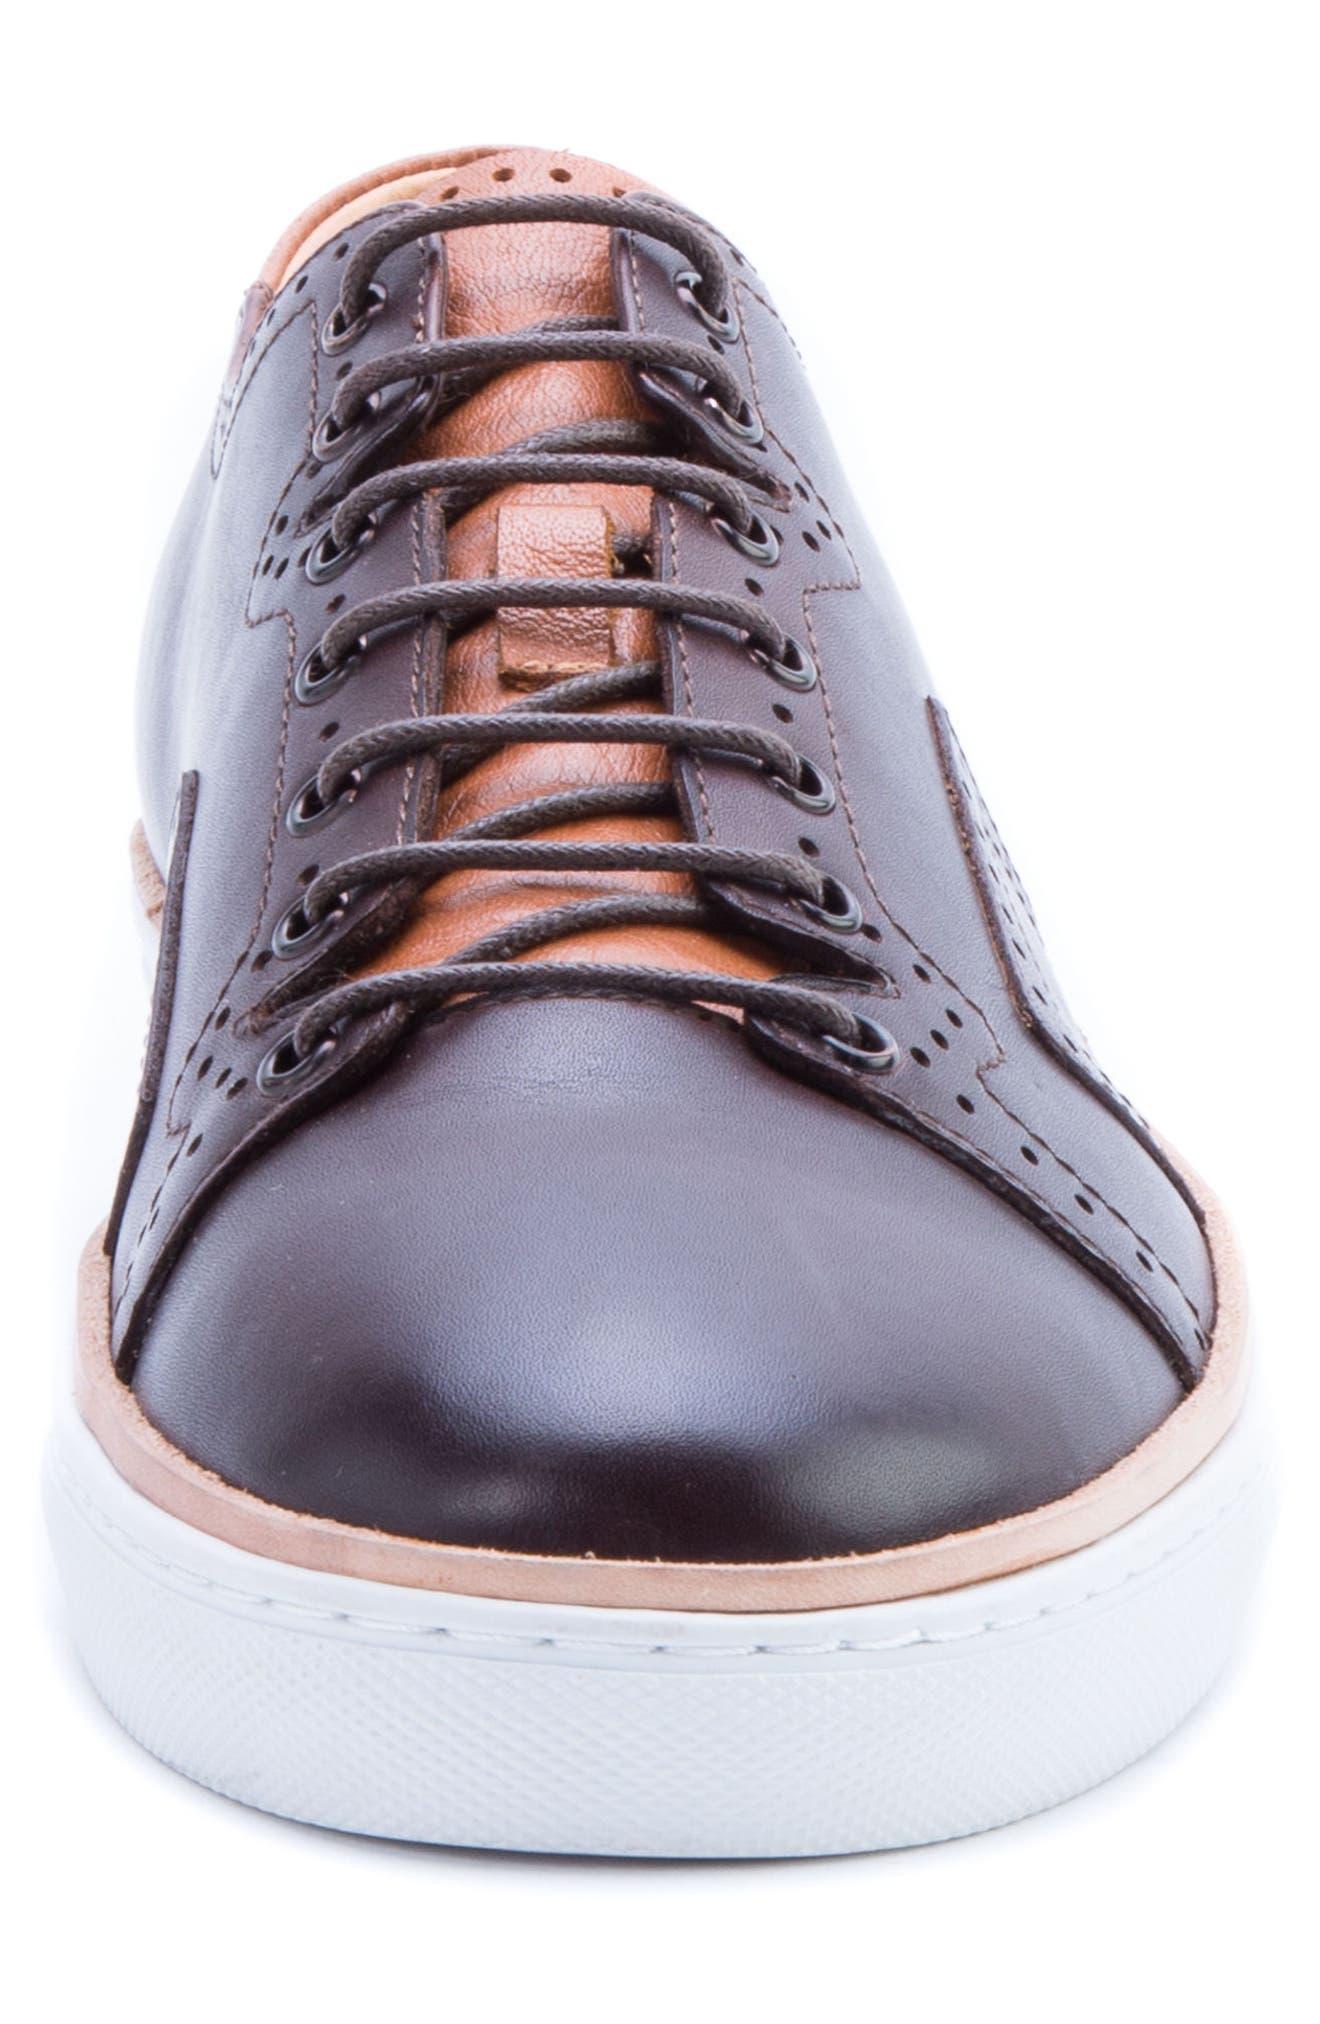 Marti Low Top Sneaker,                             Alternate thumbnail 4, color,                             200